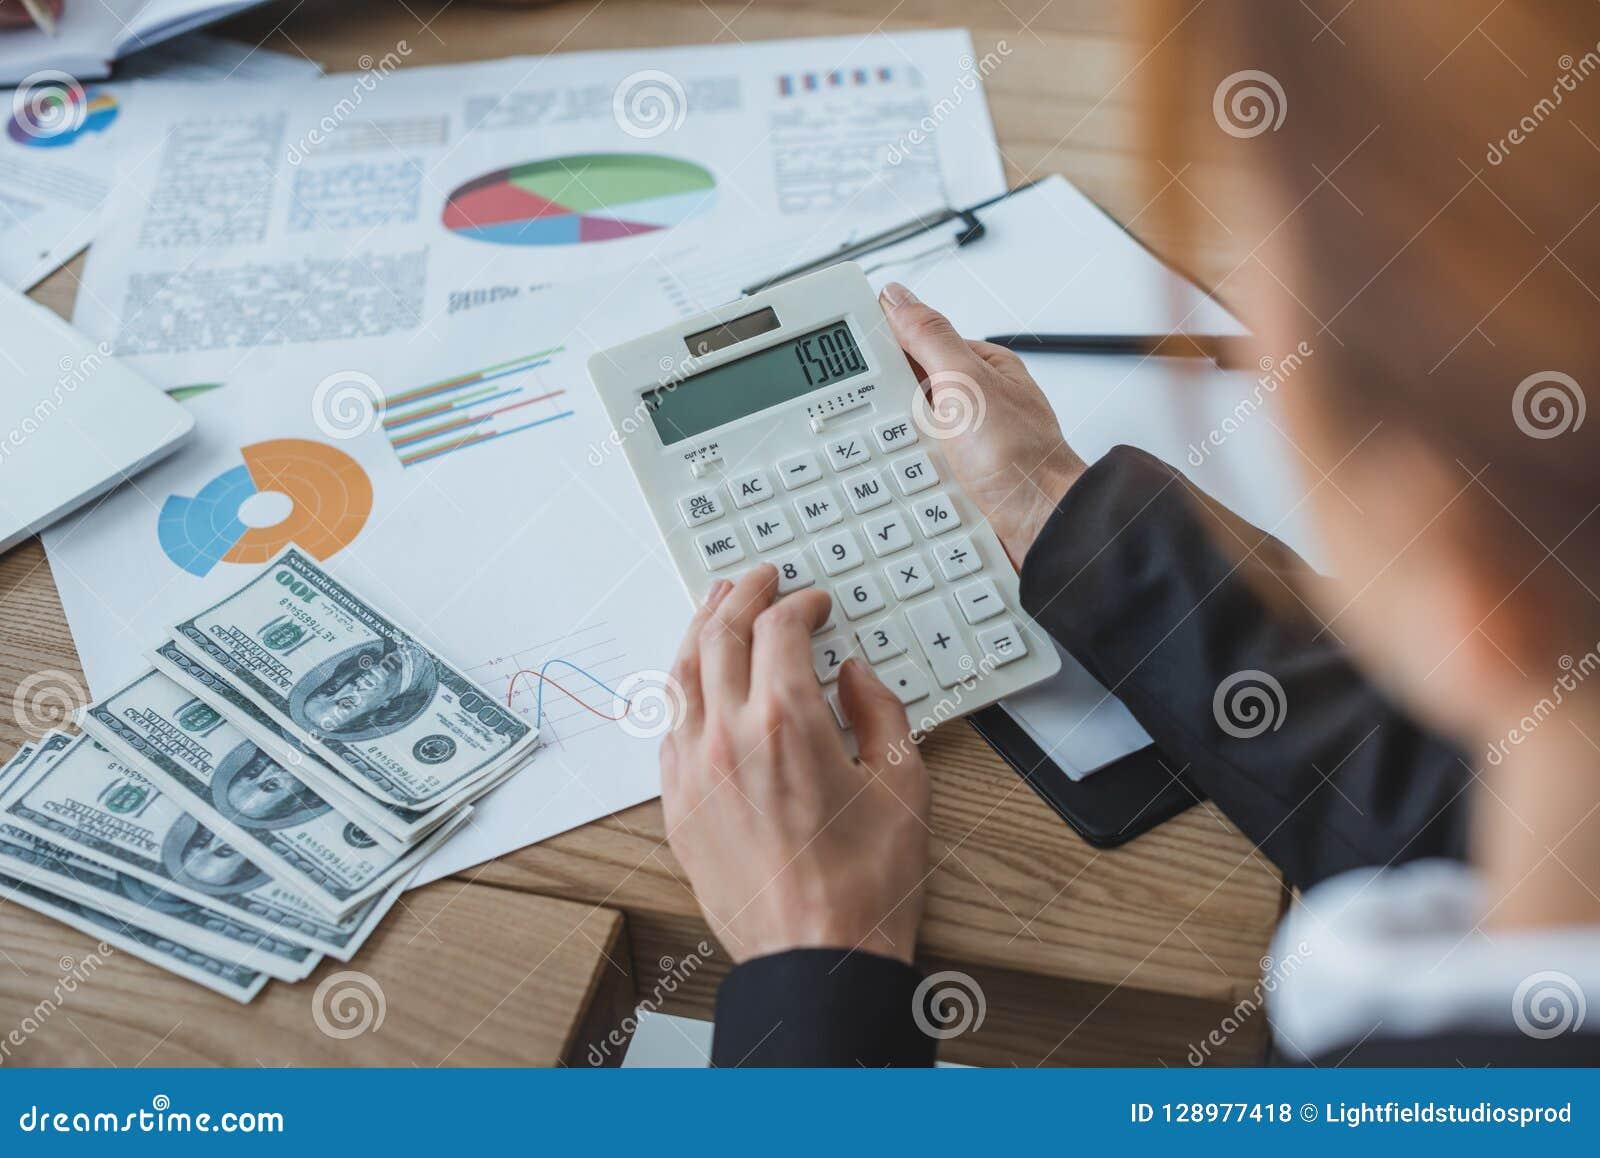 Bebouwd beeld van financier die calculator gebruiken op het werk